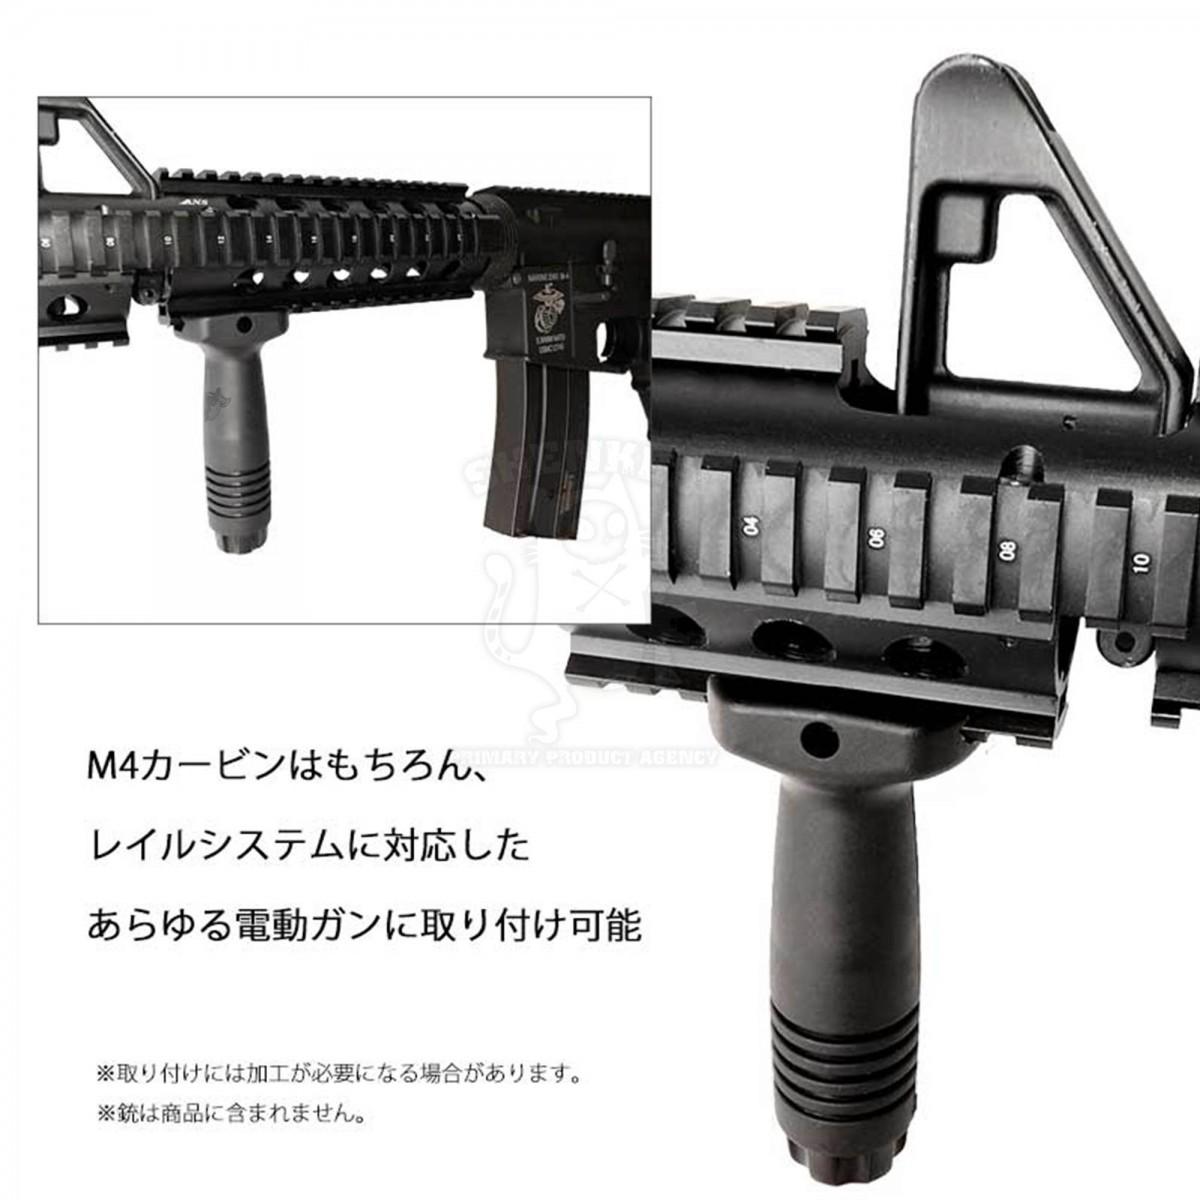 スタンダード バーティカルフォアグリップ BK AK M4